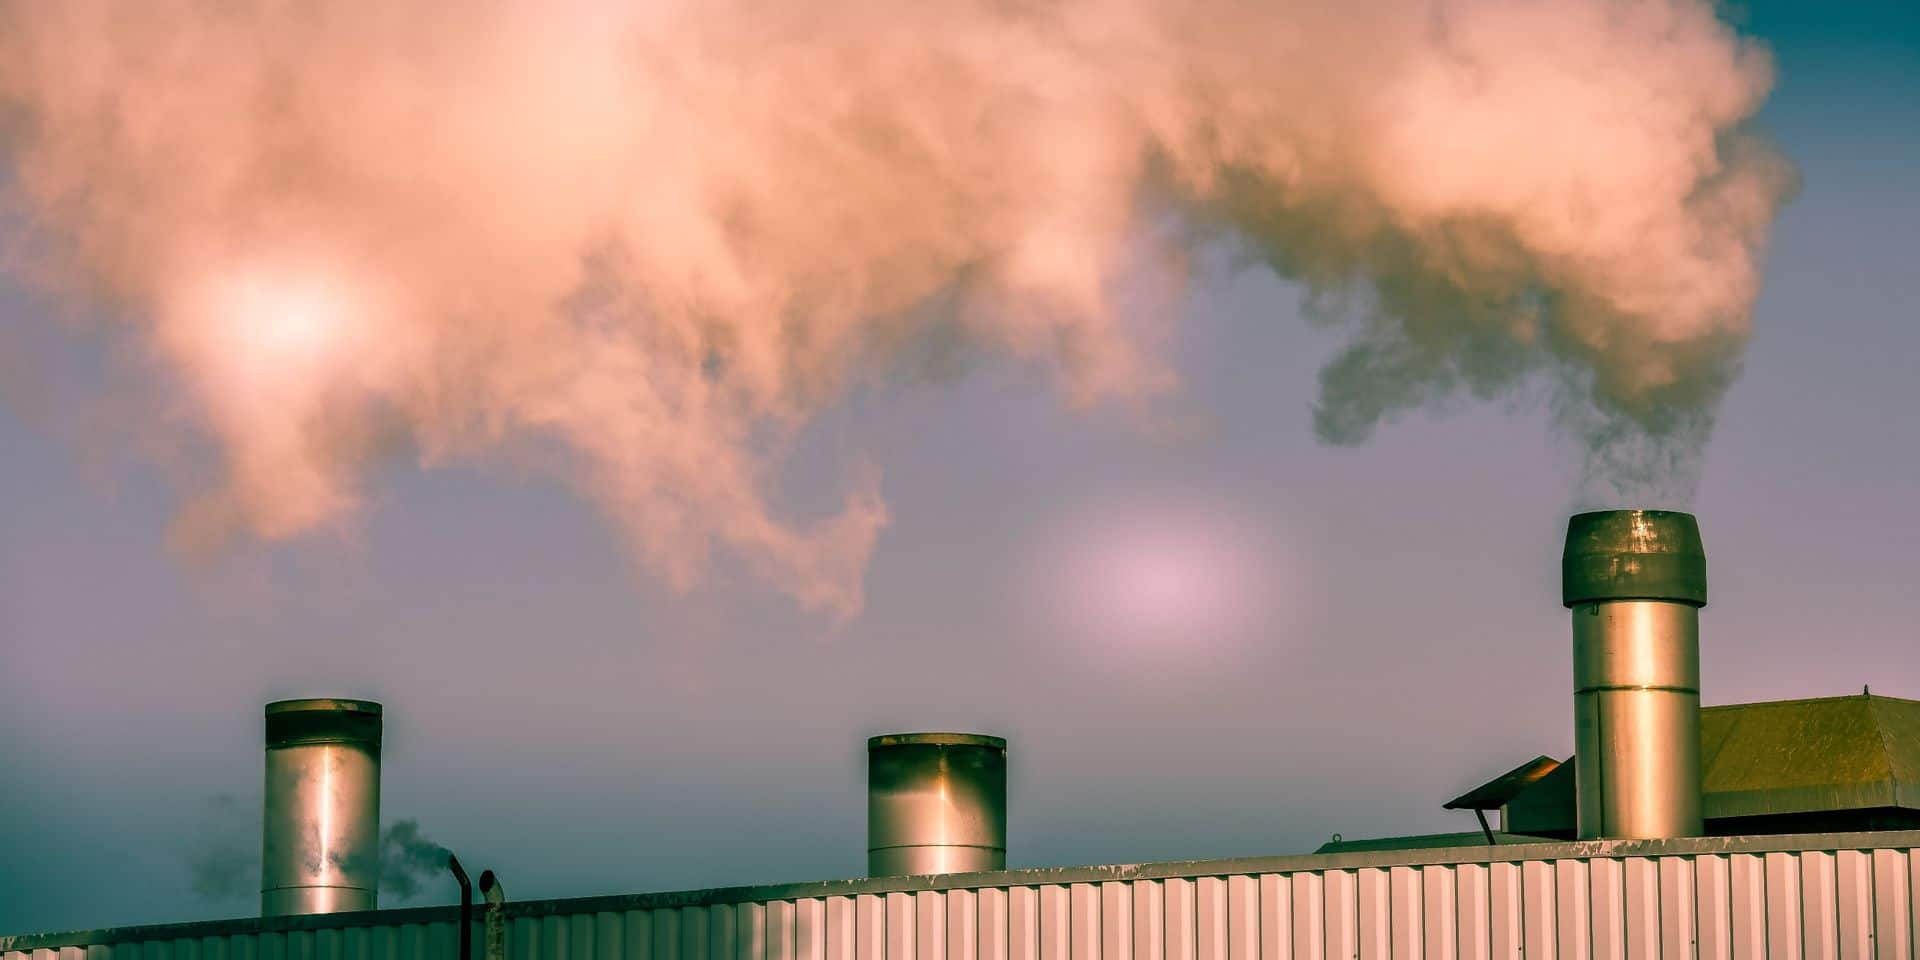 Les émissions de CO2 liées à l'énergie devraient connaître un rebond majeur en 2021